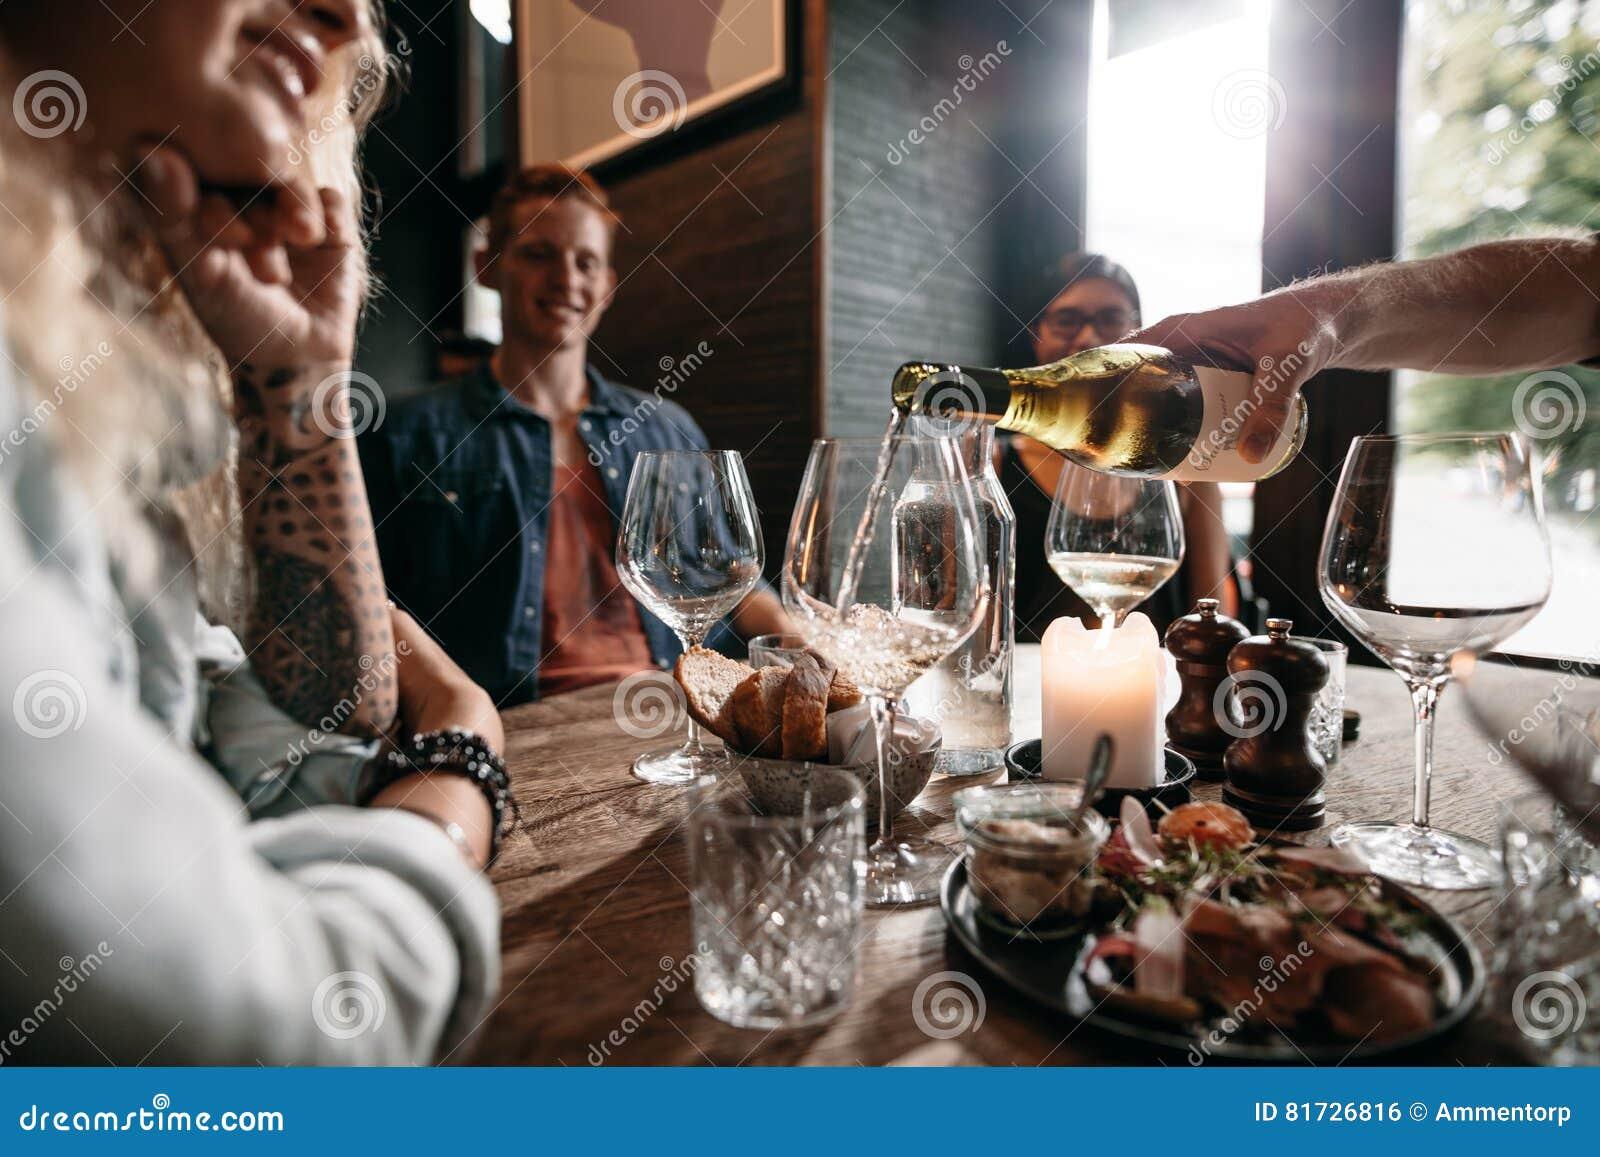 小组青年人有饮料在餐馆